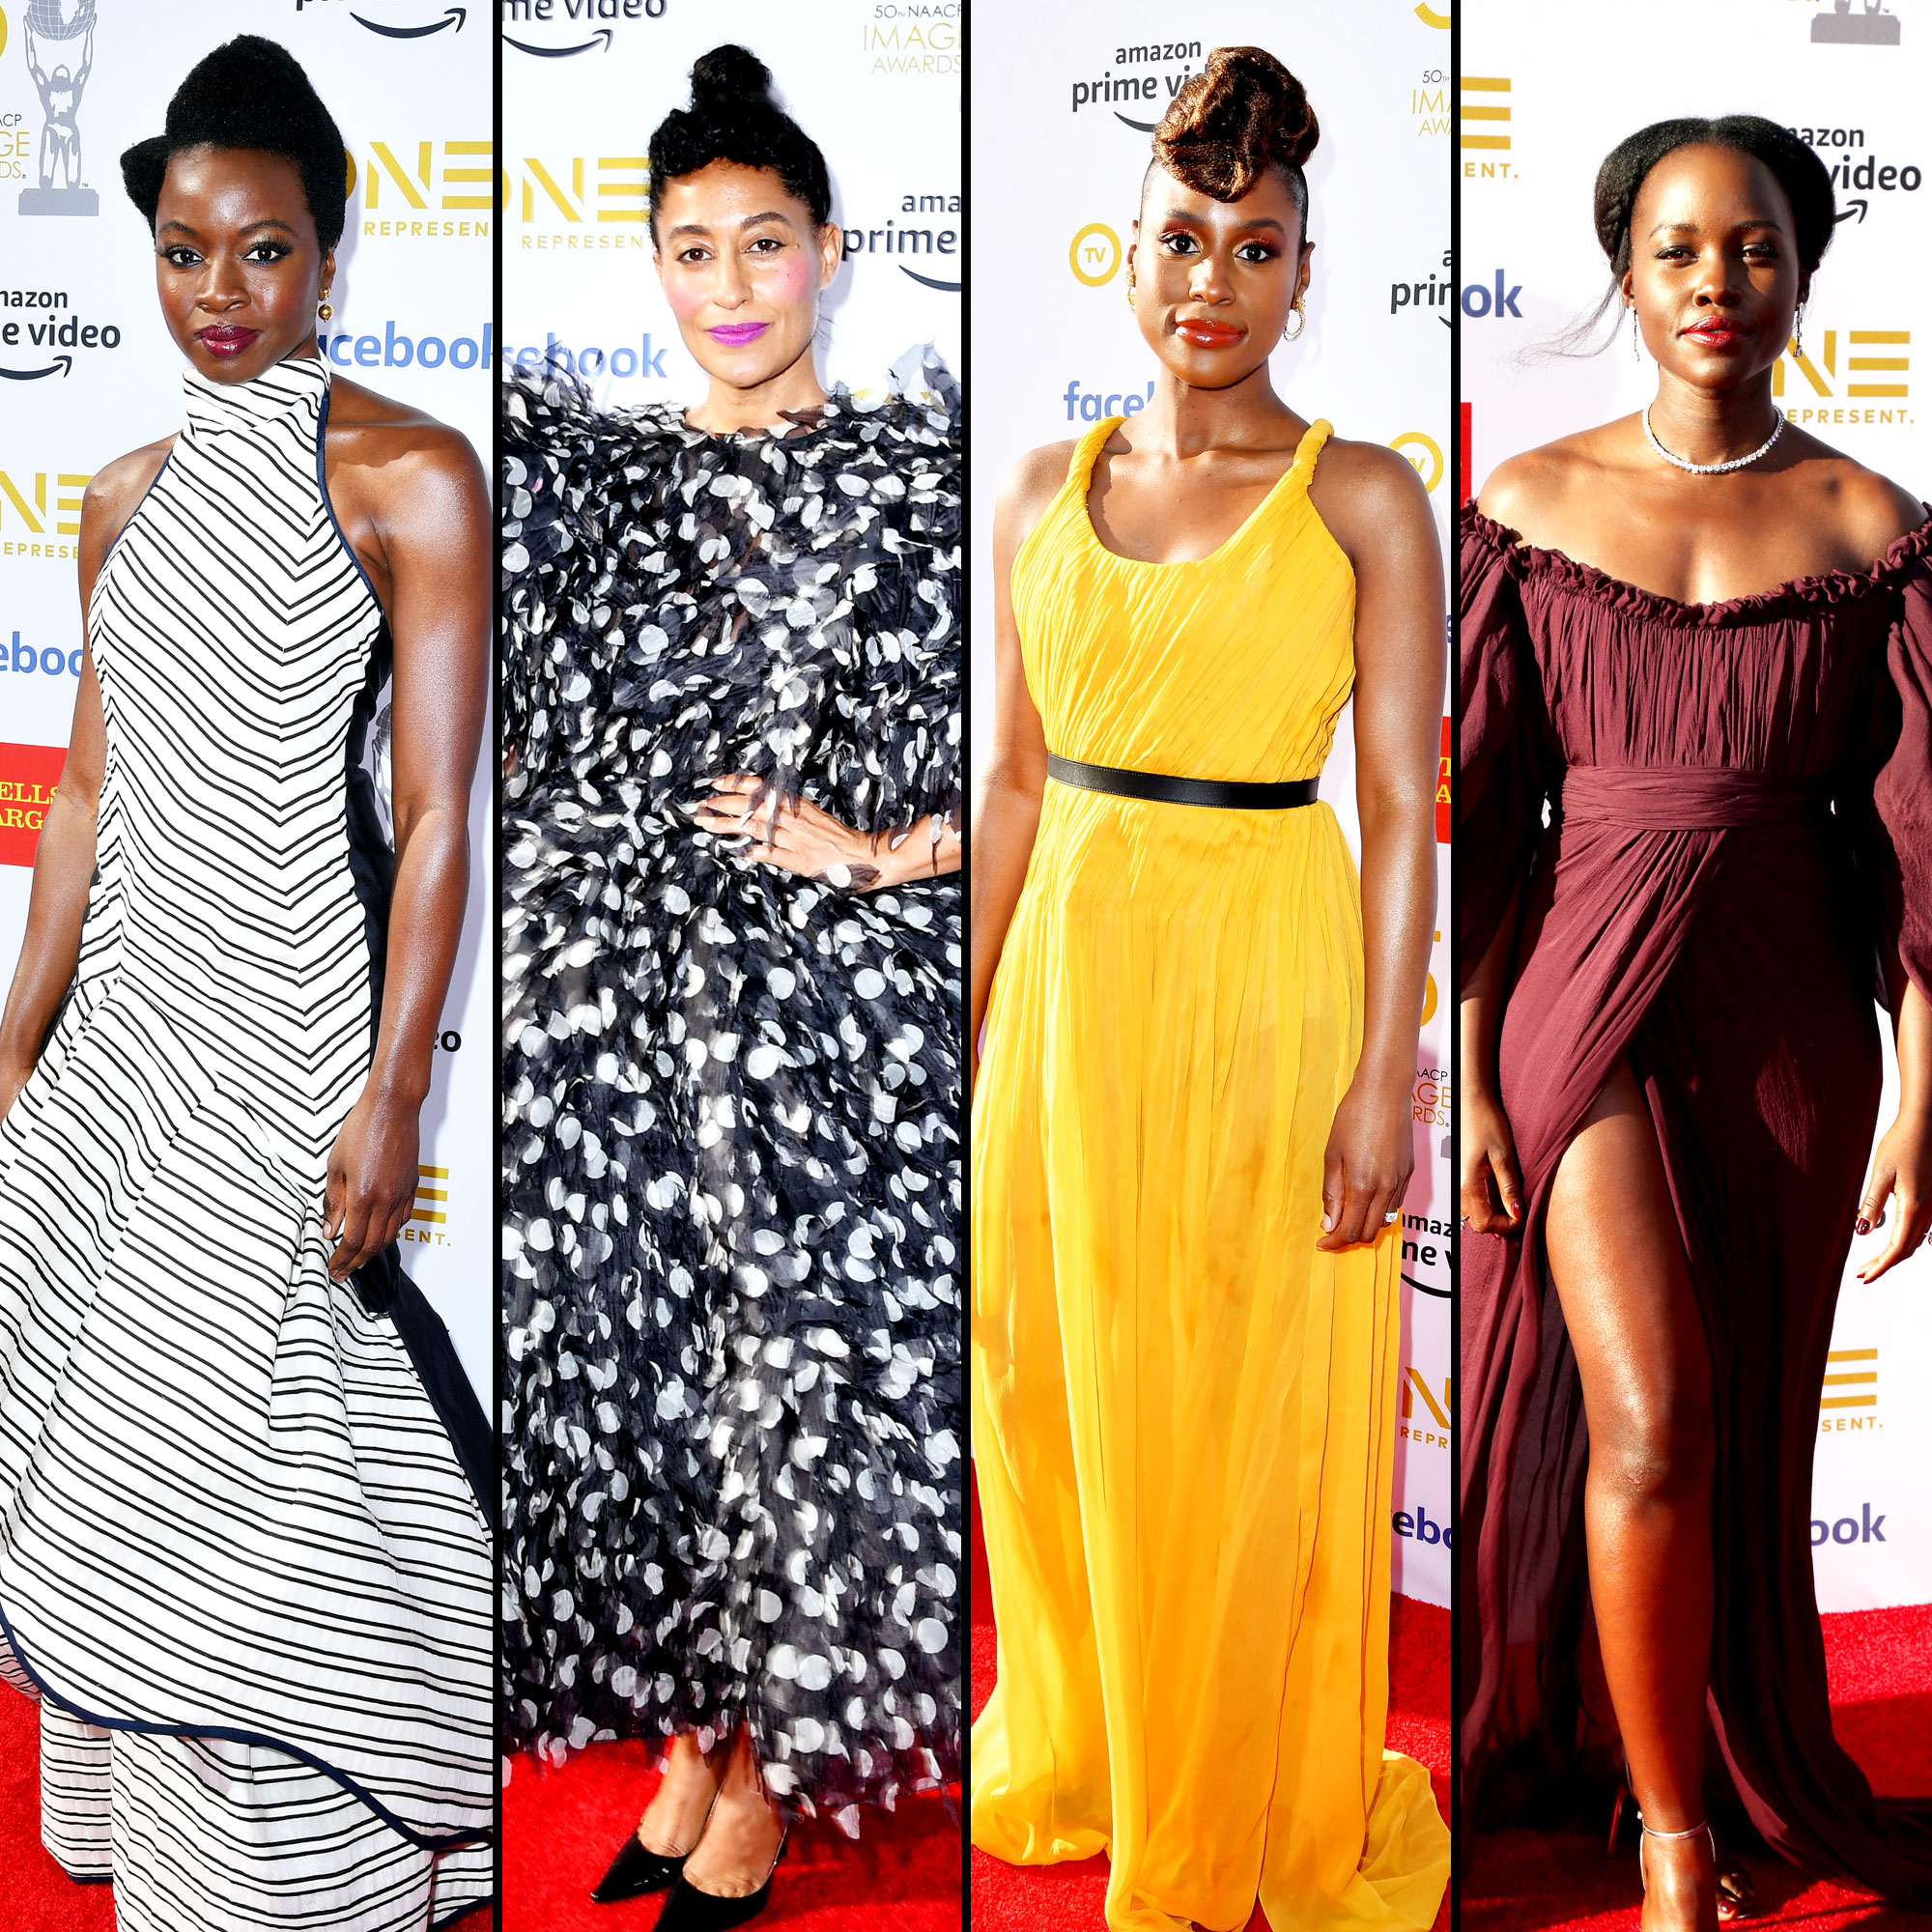 Danai Gurira Tracee Ellis Ross Issa Rae Lupita Nyong'o See the Stars at the NAACP Image Awards